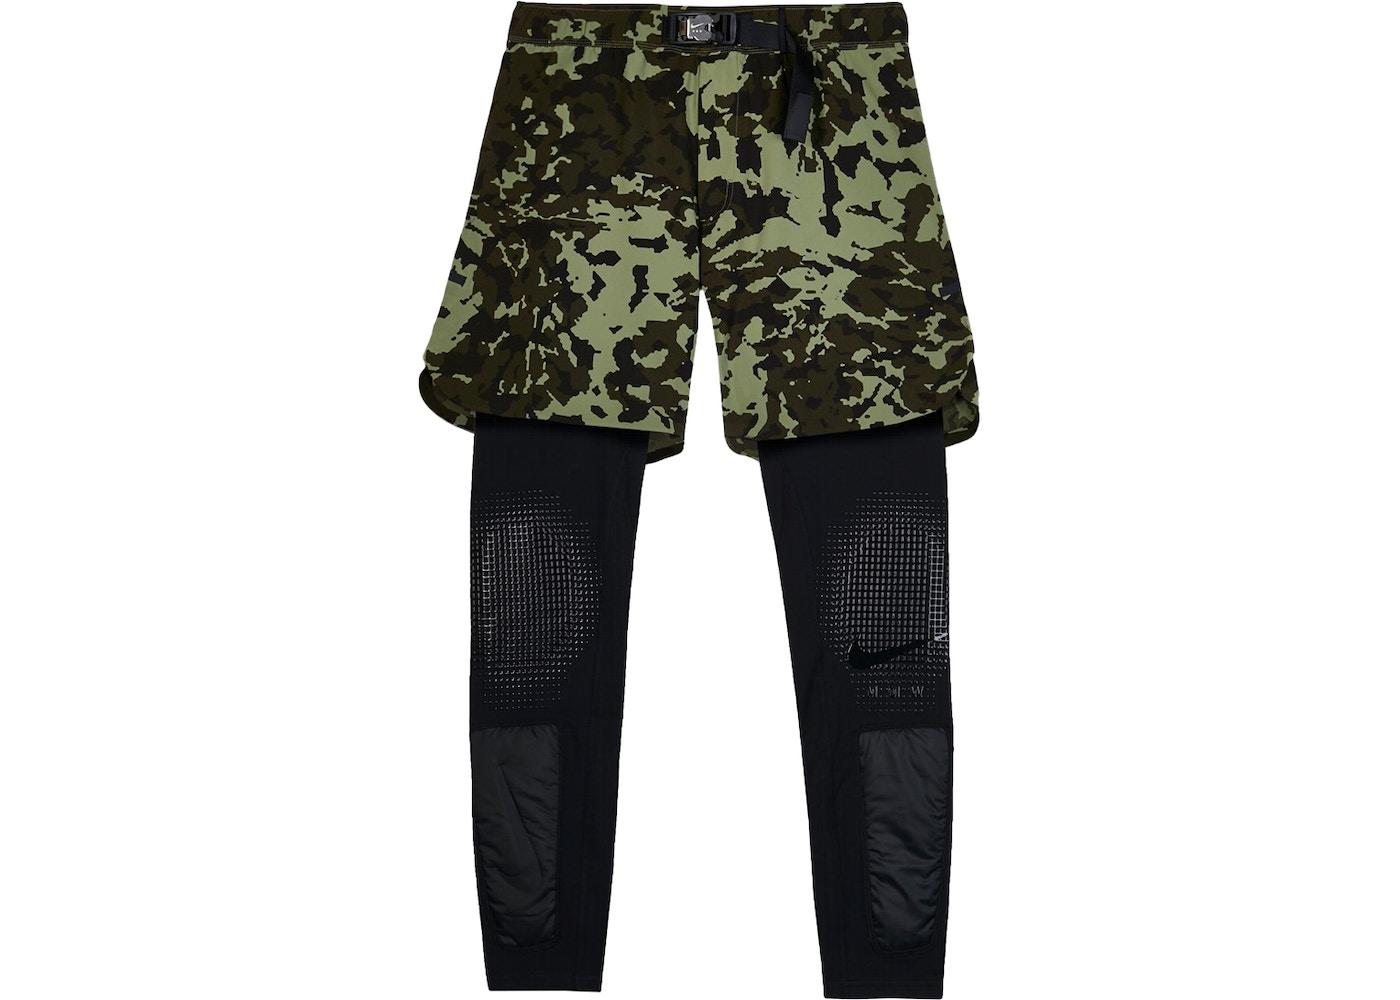 91f2d2343 Nike Apparel MMW - Buy & Sell Streetwear